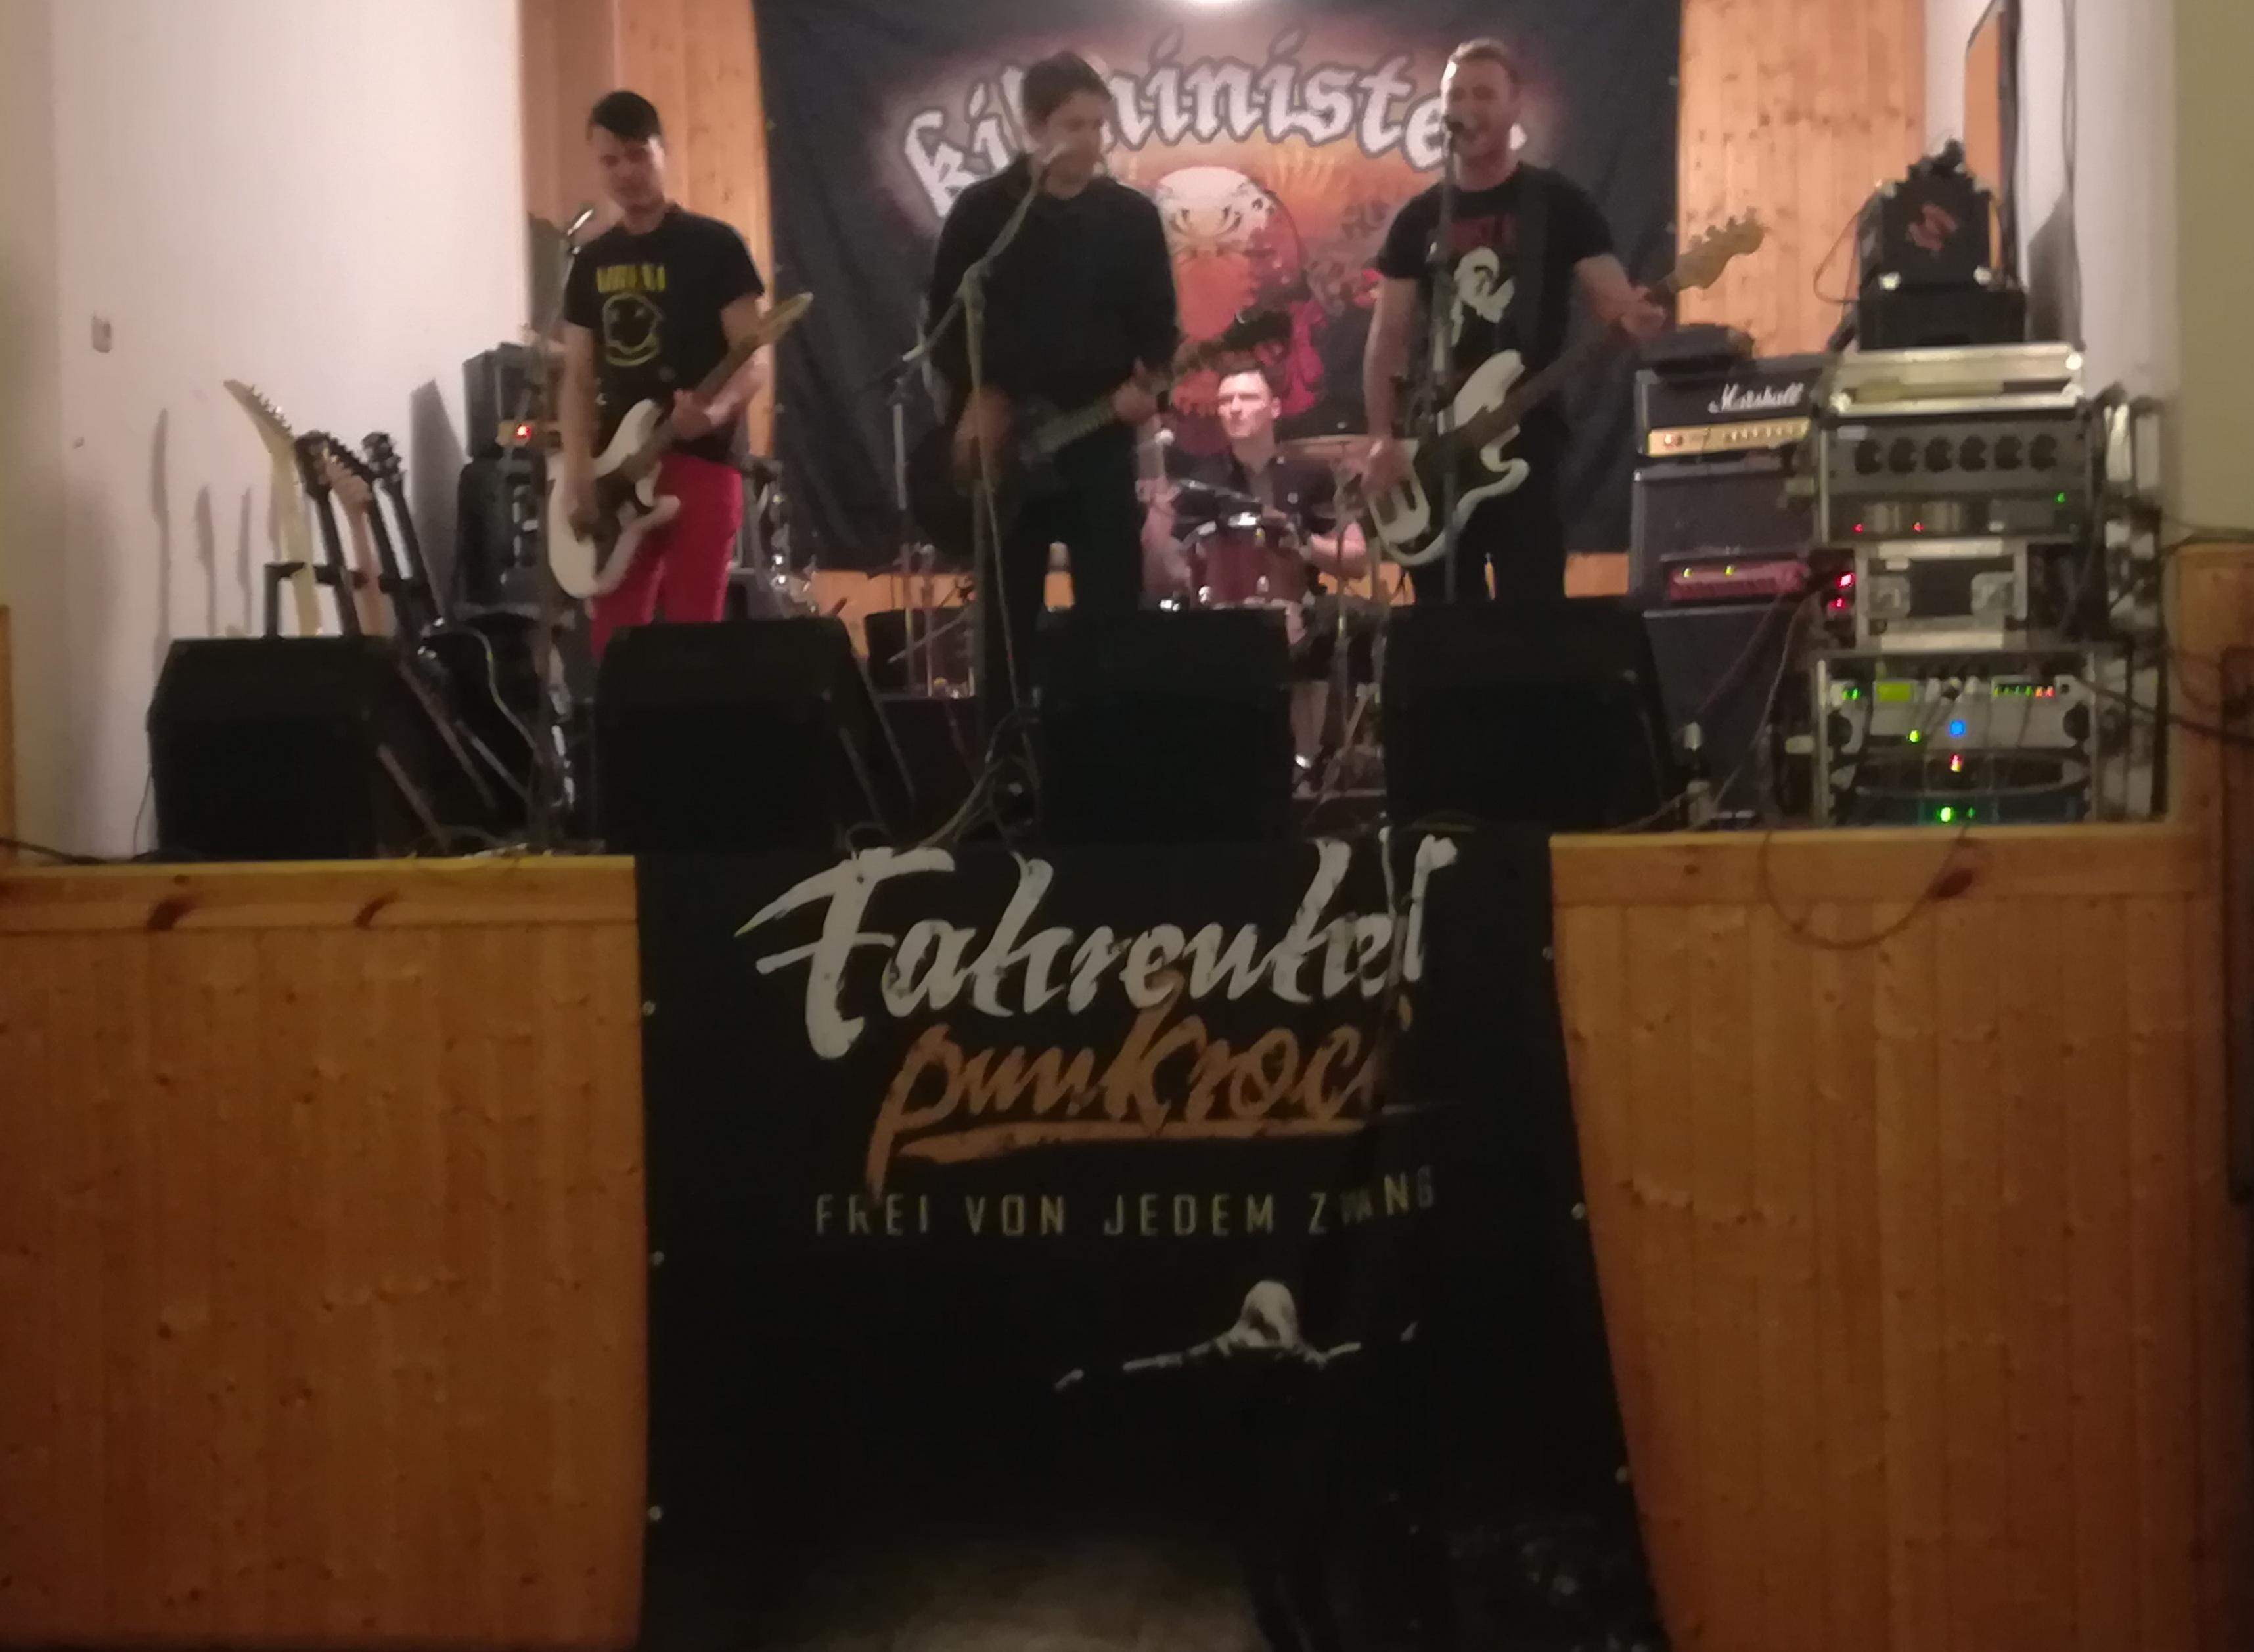 Fahrenheit punkrock